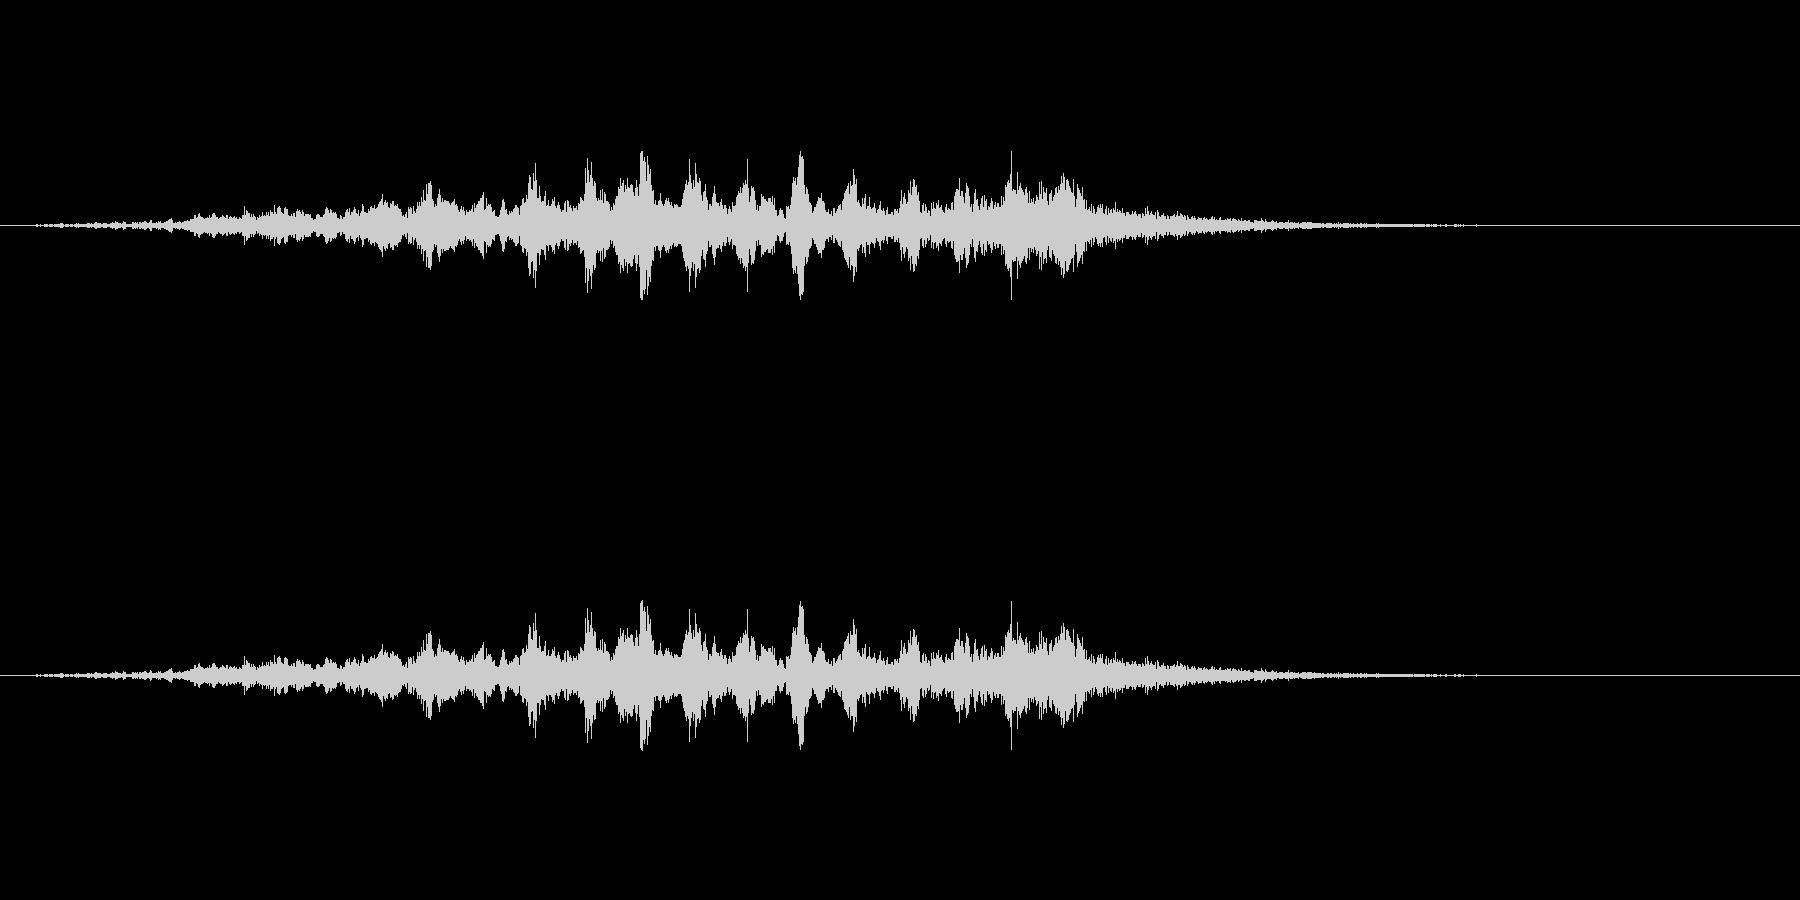 三味線ホラーの未再生の波形